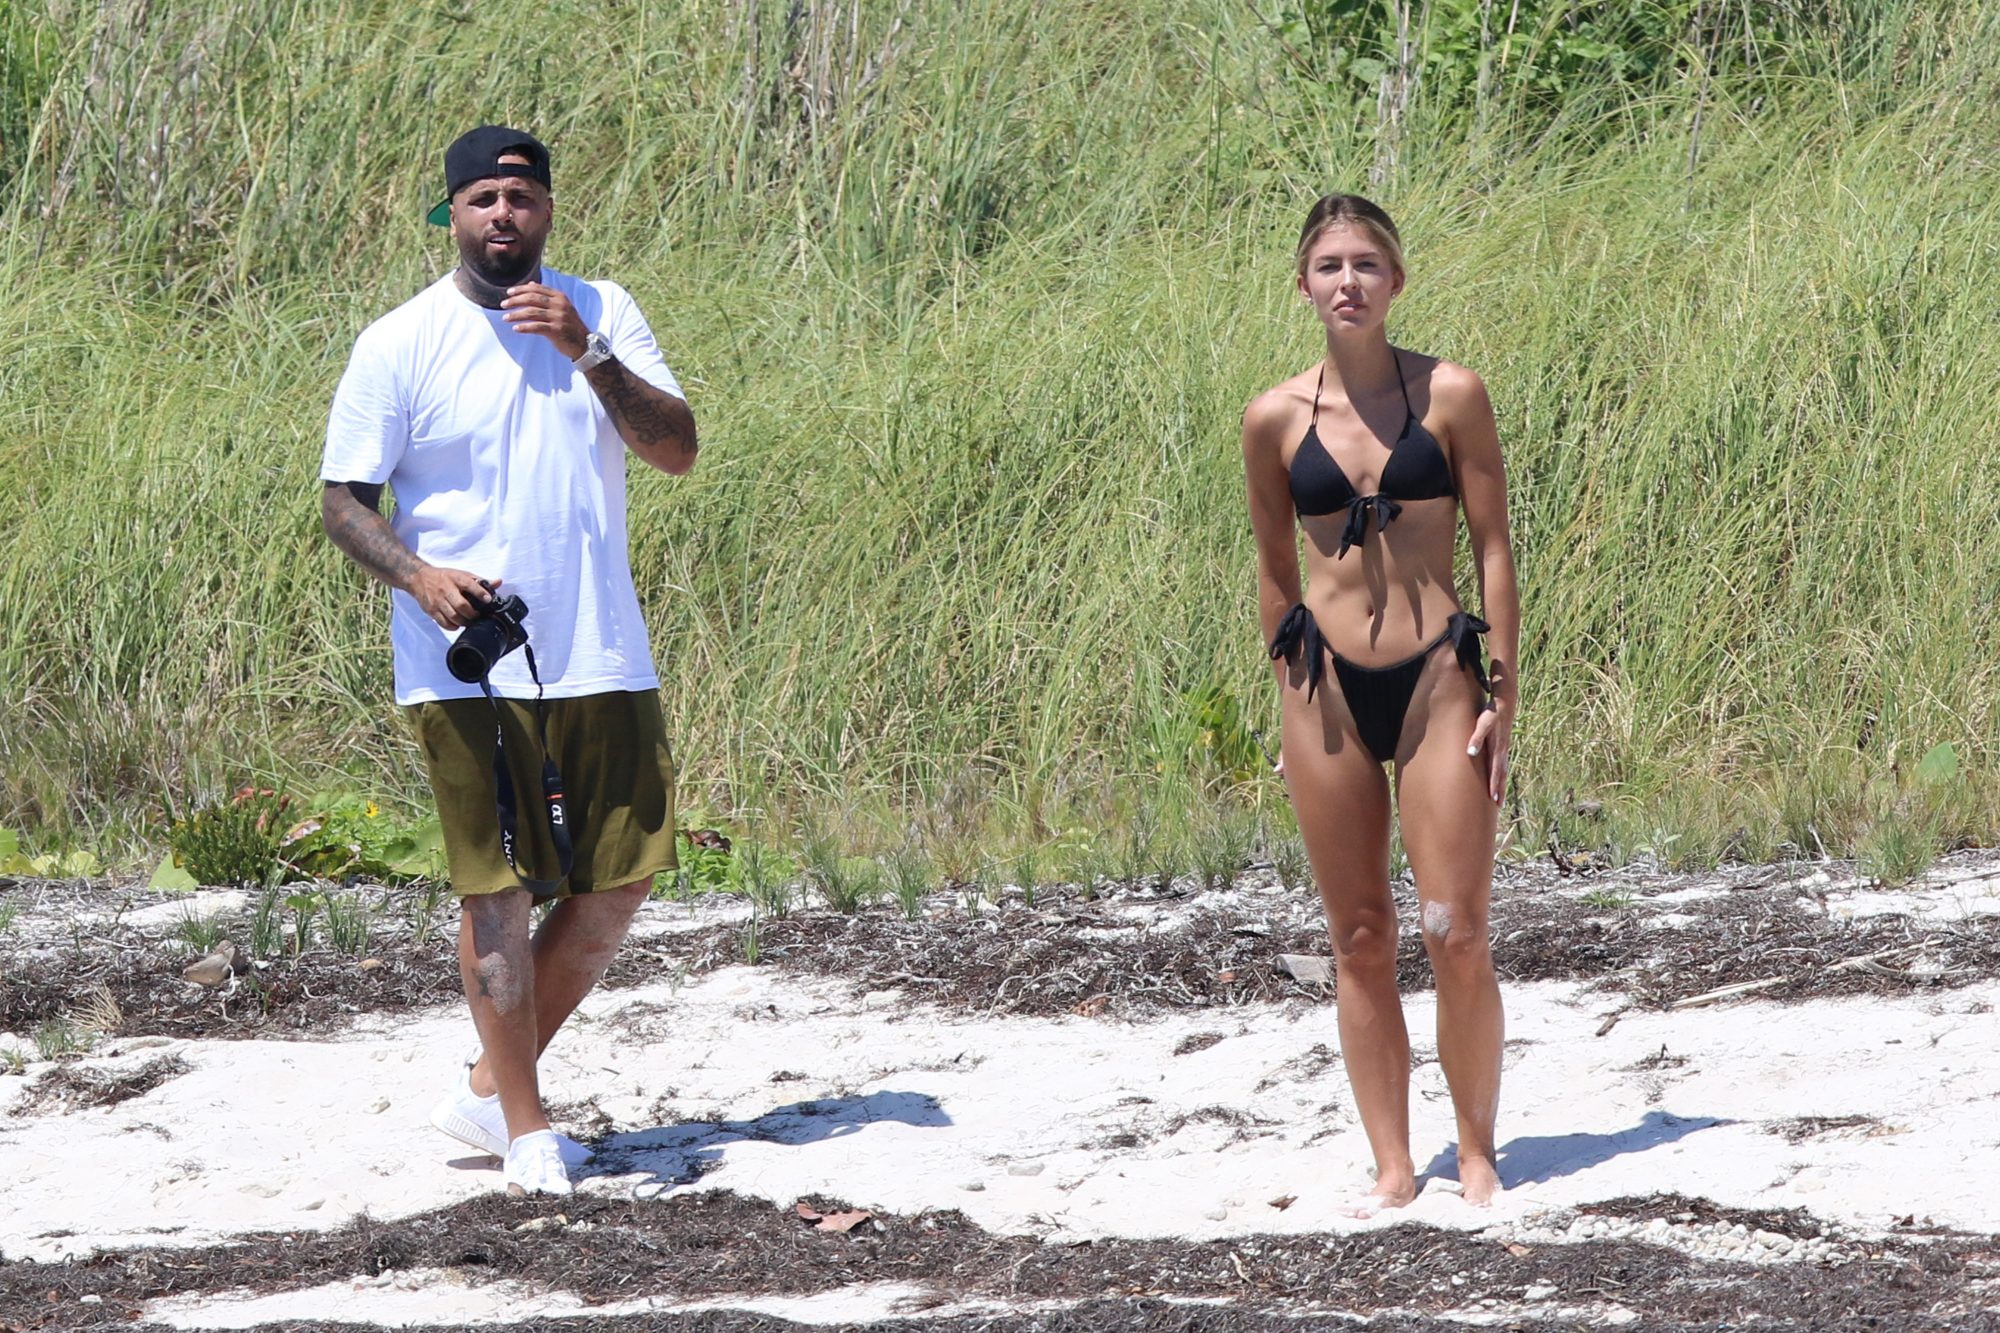 Nicky Jam fotografiando novia Cydney Moreau en Miami